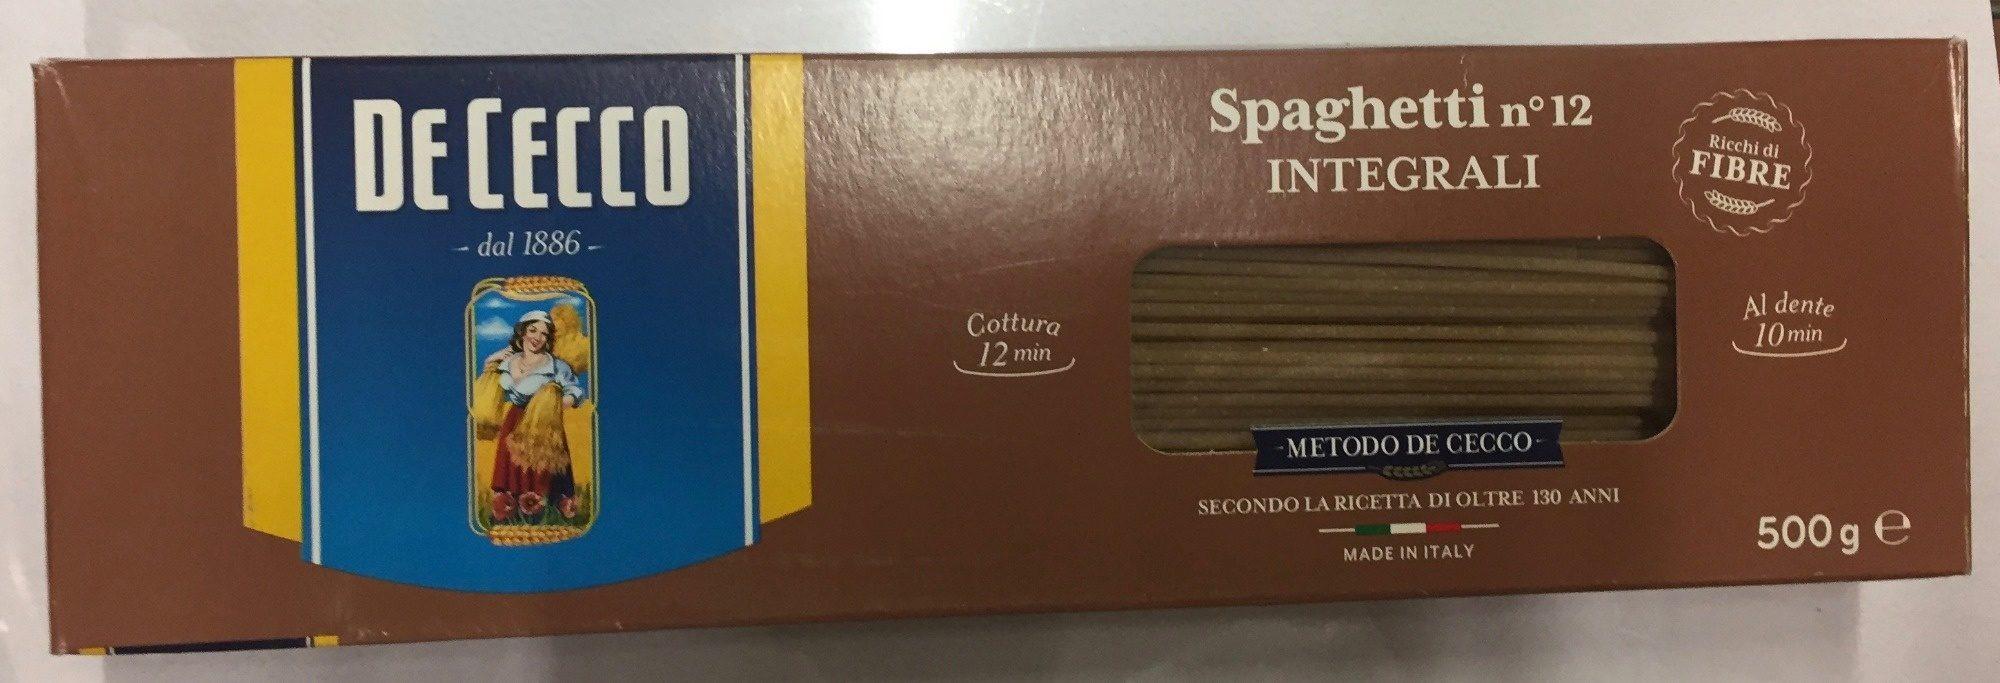 Spaghetti 12 integralli - Producto - es